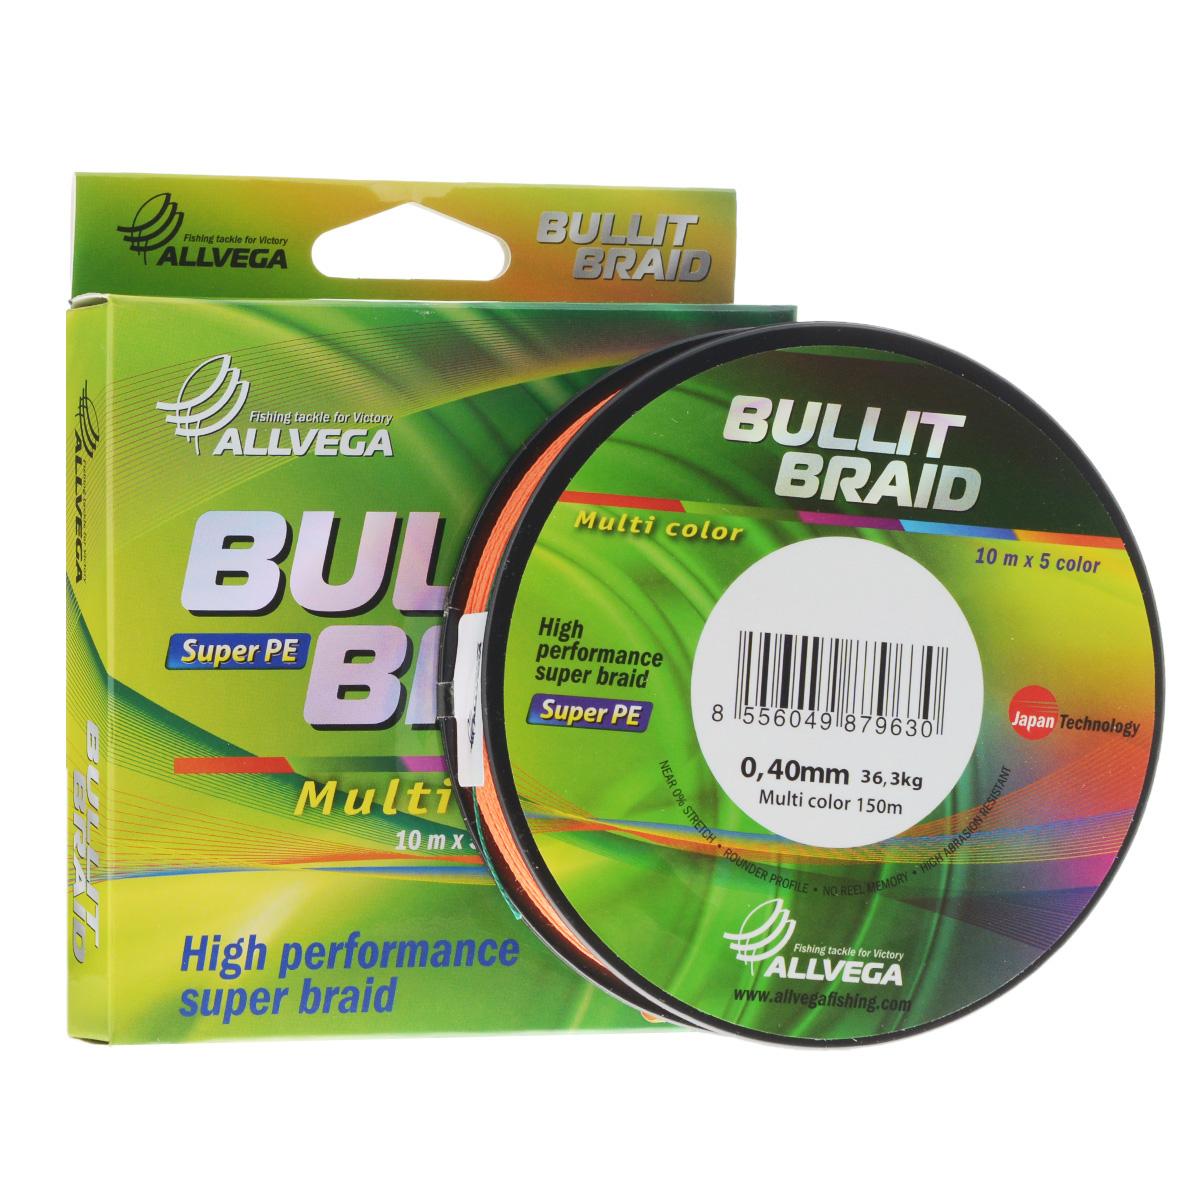 Леска плетеная Allvega Bullit Braid, цвет: мультиколор, 150 м, 0,40 мм, 36,3 кг37861Леска Allvega Bullit Braid с гладкой поверхностью и одинаковым сечением по всей длине обладает высокой износостойкостью. Благодаря микроволокнам полиэтилена (Super PE) леска имеет очень плотное плетение и не впитывает воду. Леску Allvega Bullit Braid можно применять в любых типах водоемов. Особенности:повышенная износостойкость;высокая чувствительность - коэффициент растяжения близок к нулю;отсутствует память; идеально гладкая поверхность позволяет увеличить дальность забросов; высокая прочность шнура на узлах.